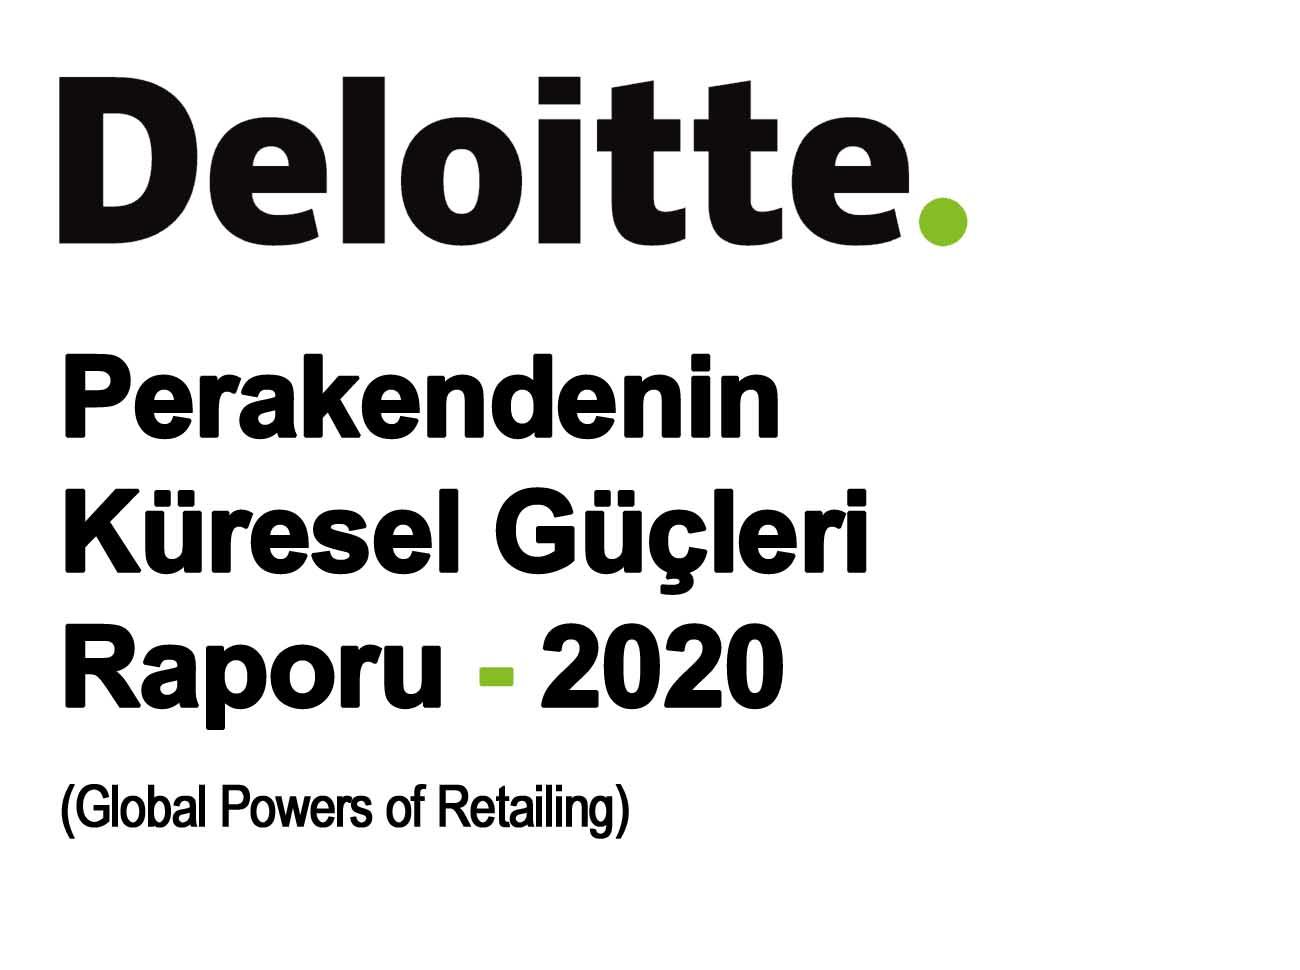 Perakendenin Küresel Güçleri 2020